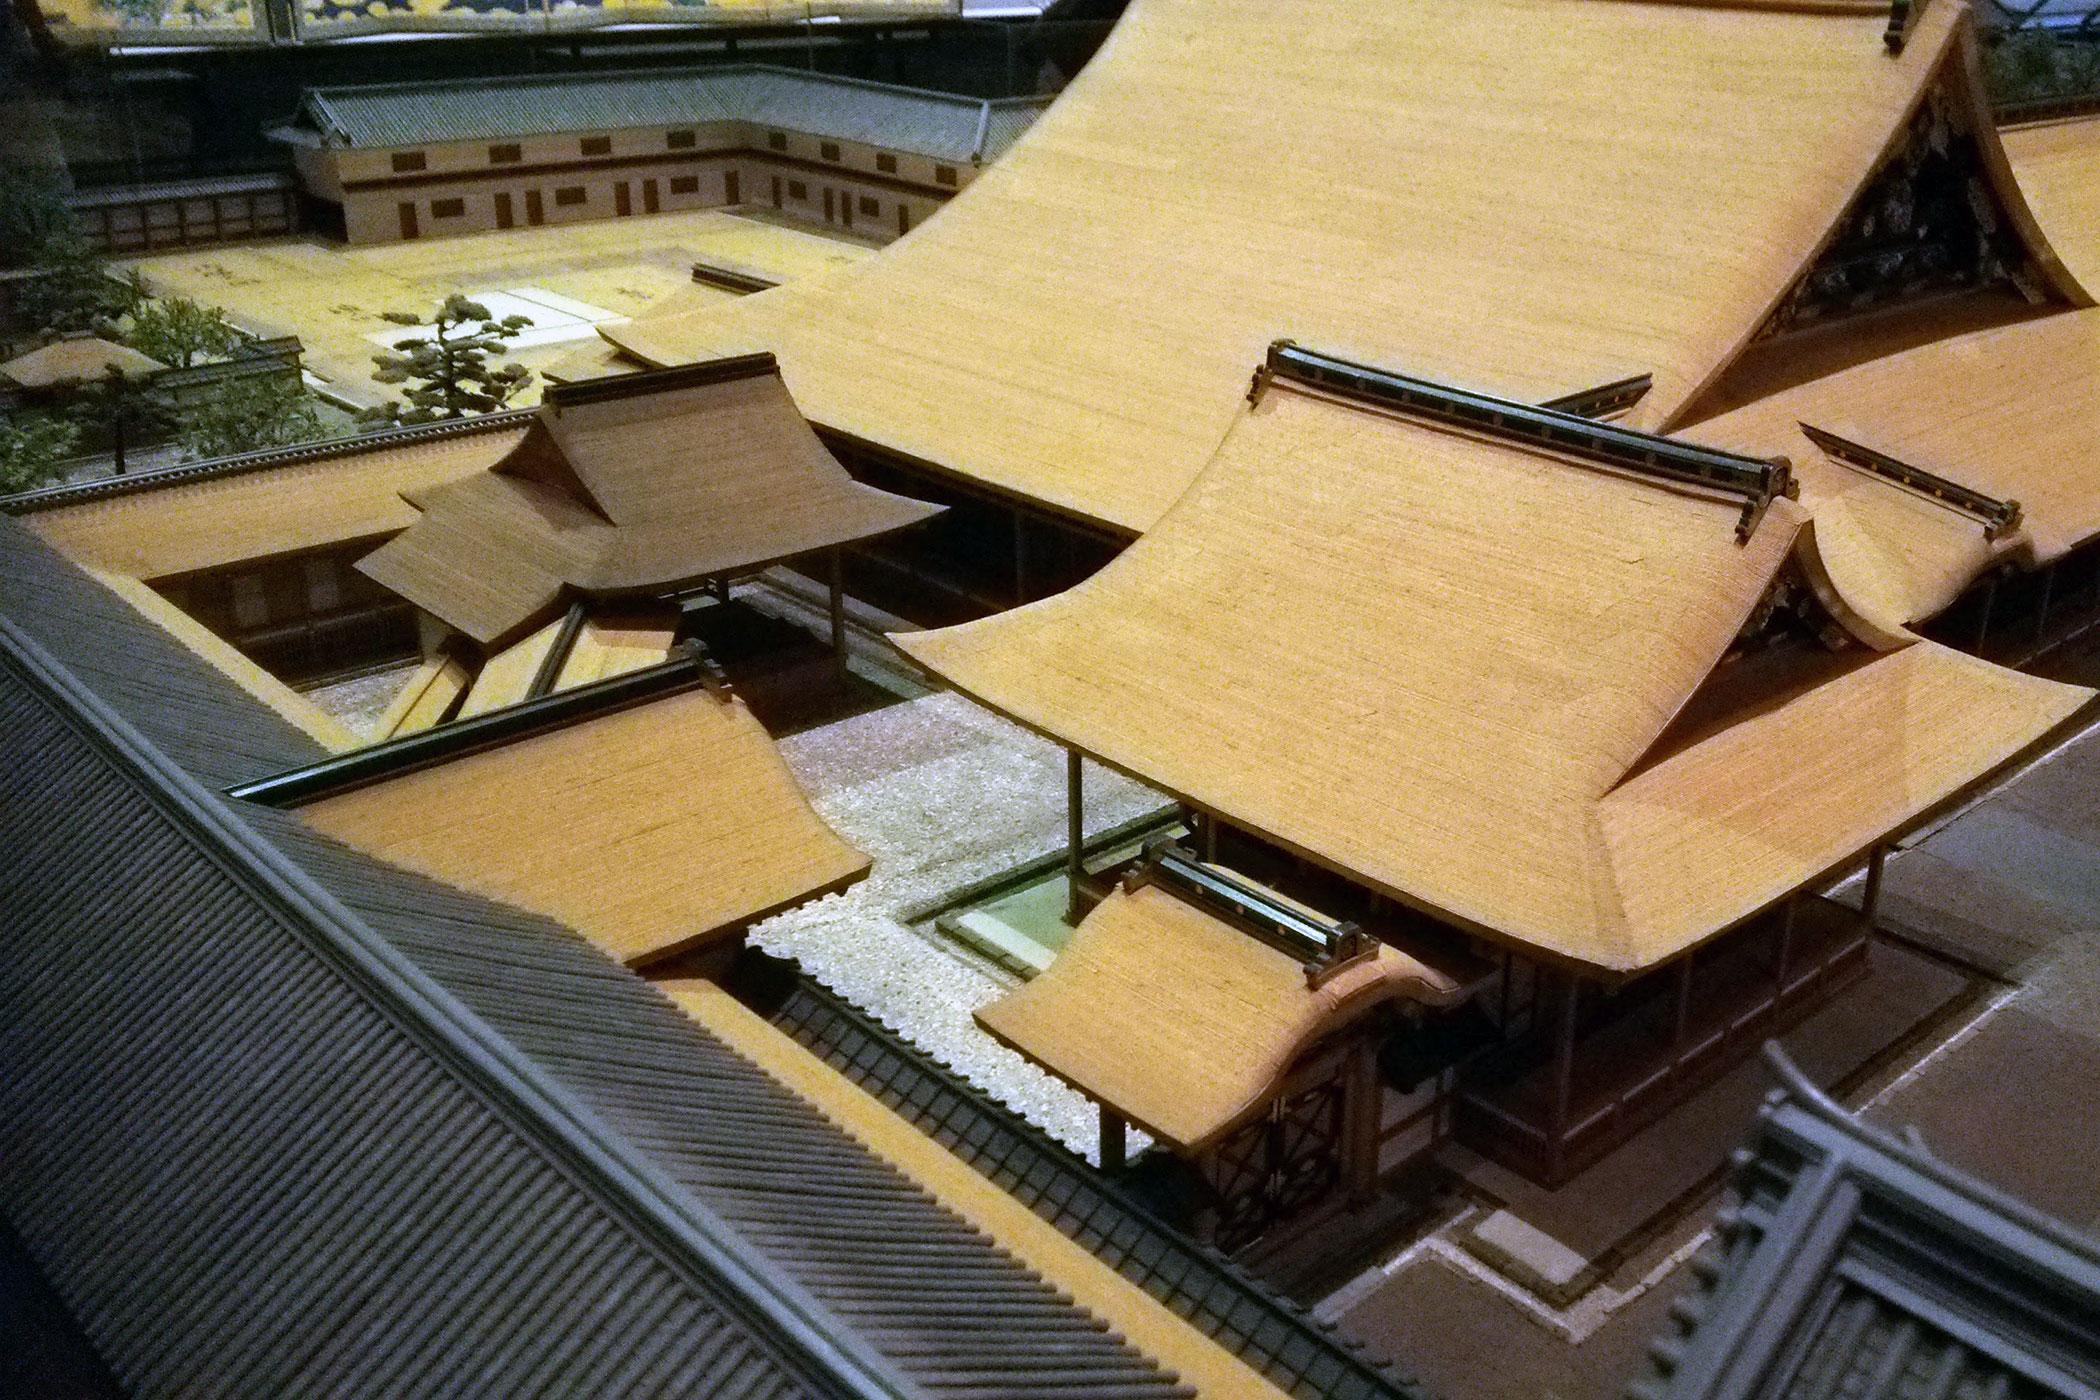 越前福井藩邸(藩主・松平忠昌)再現模型